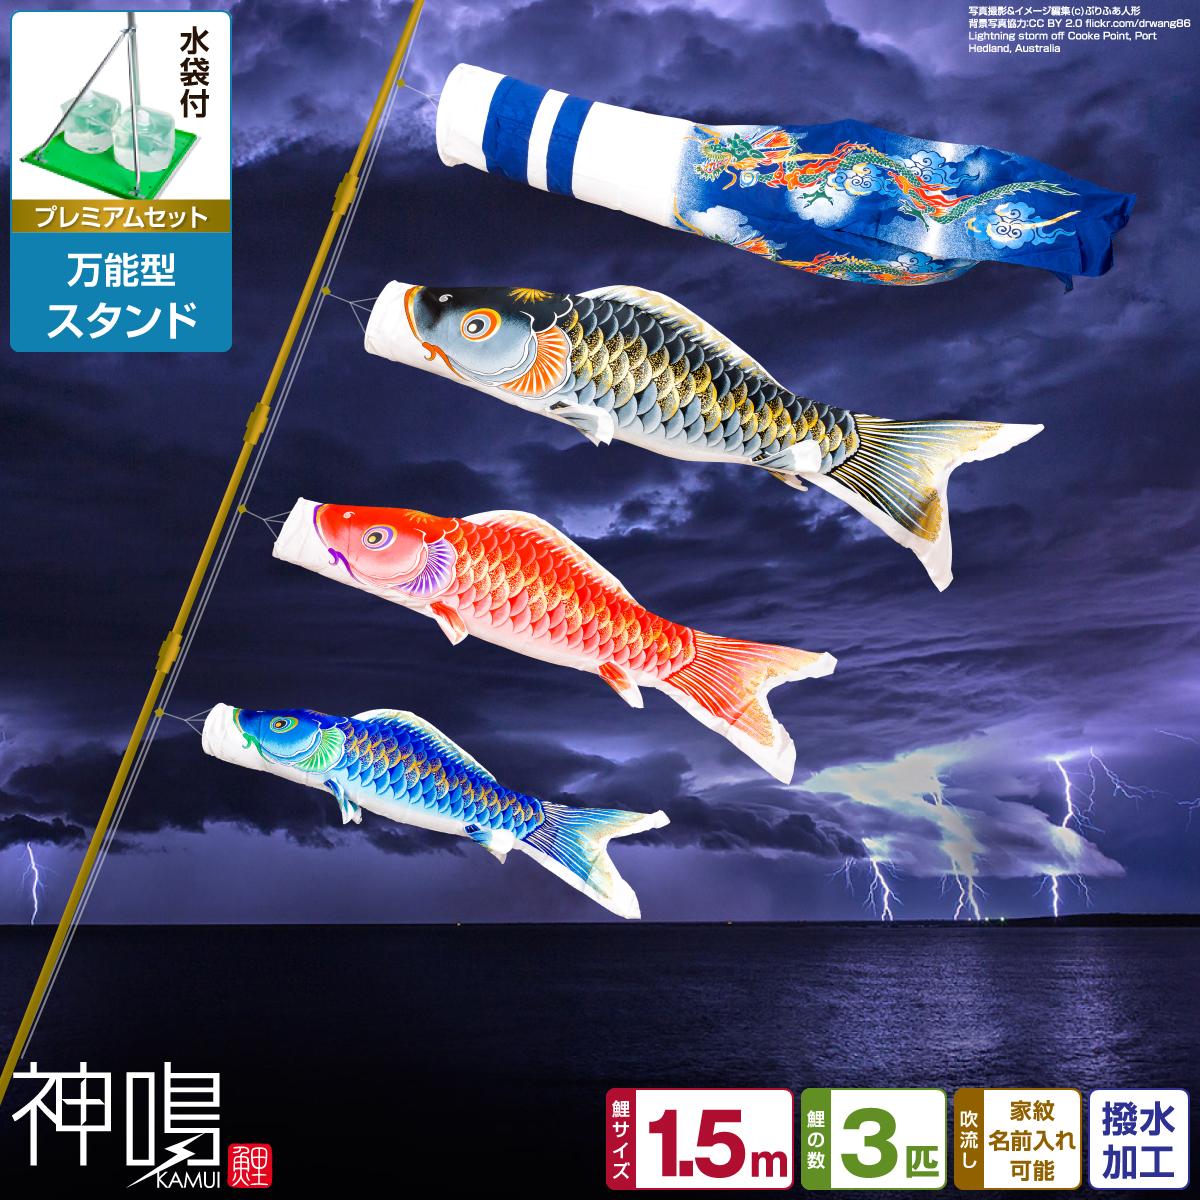 鯉のぼり ベランダ/庭/兼用 神鳴鯉-KAMUI- 1.5m 6点(吹流し+鯉3匹+矢車+ロープ)/プレミアムセット(万能スタンド)